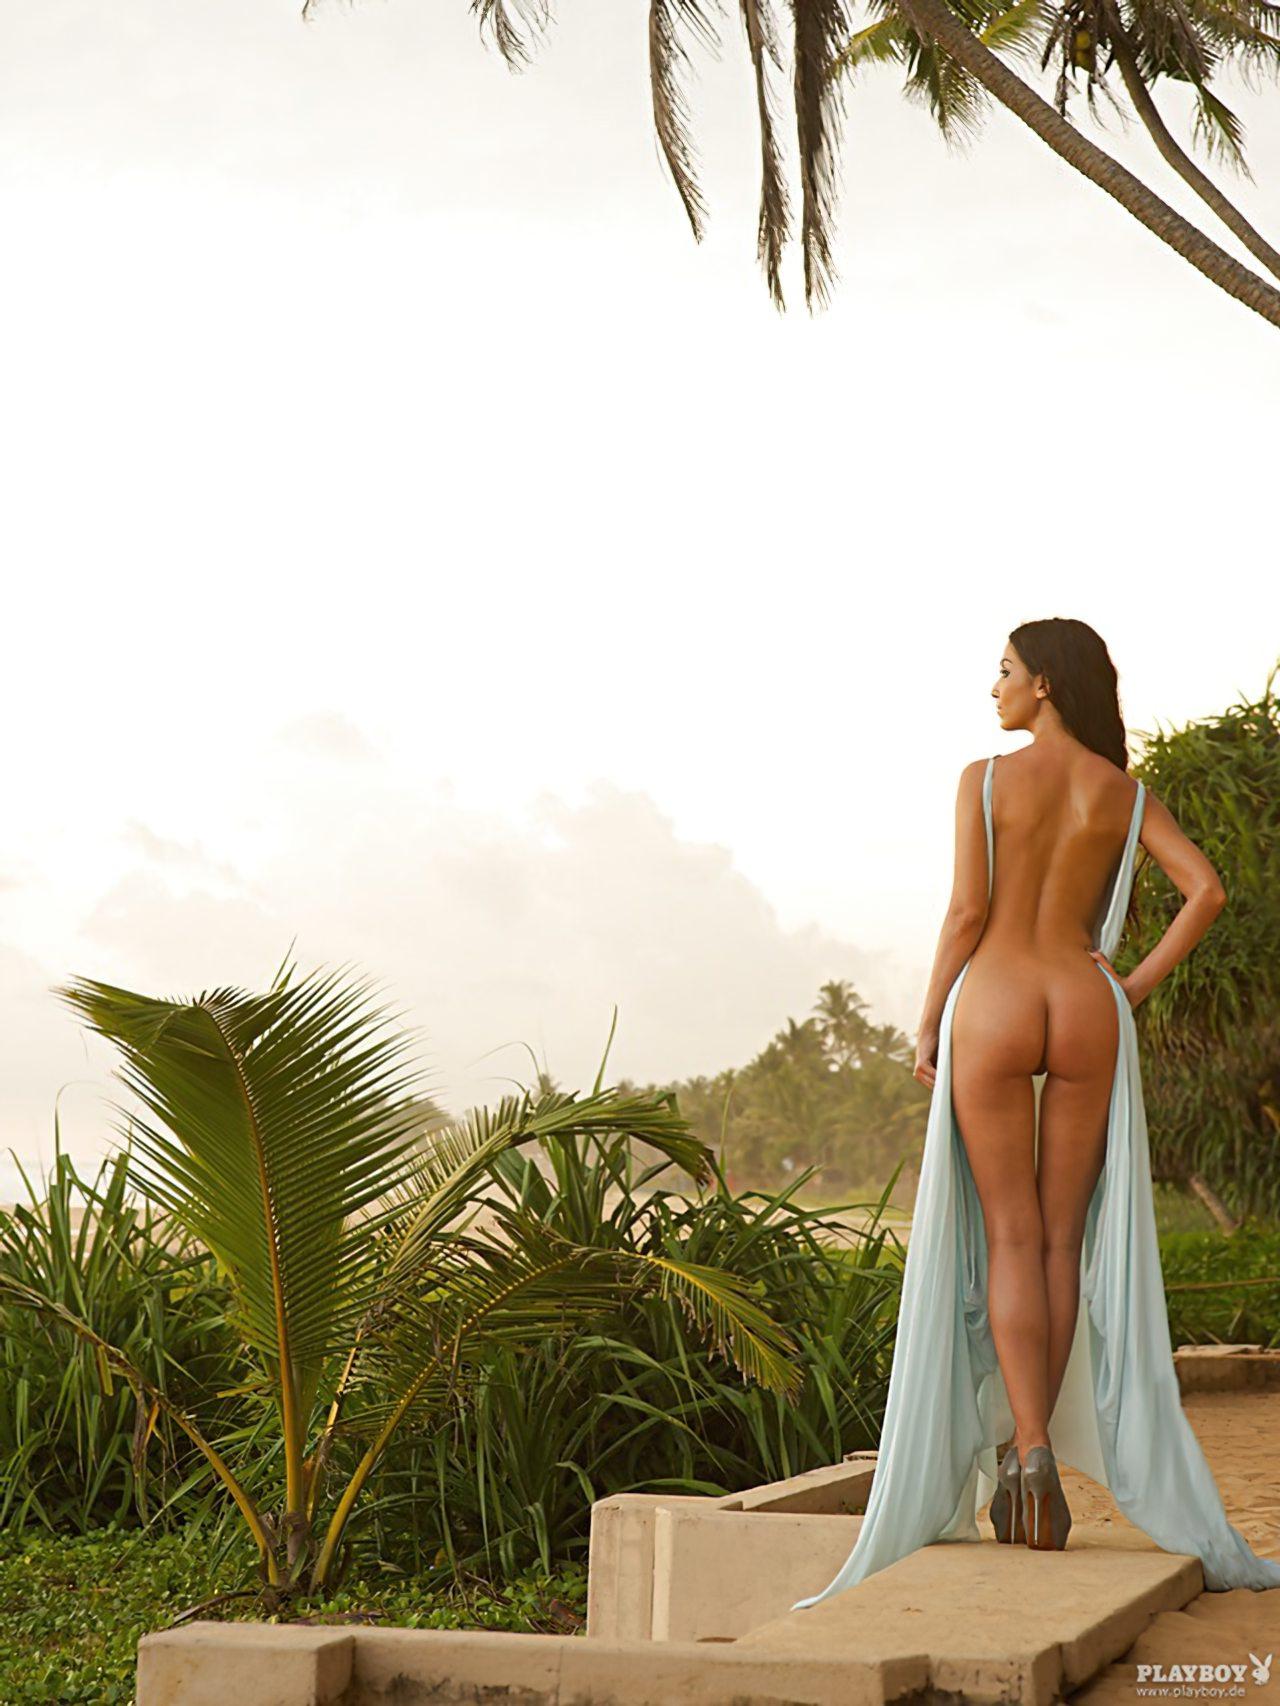 Sila Sahin Playboy (49)